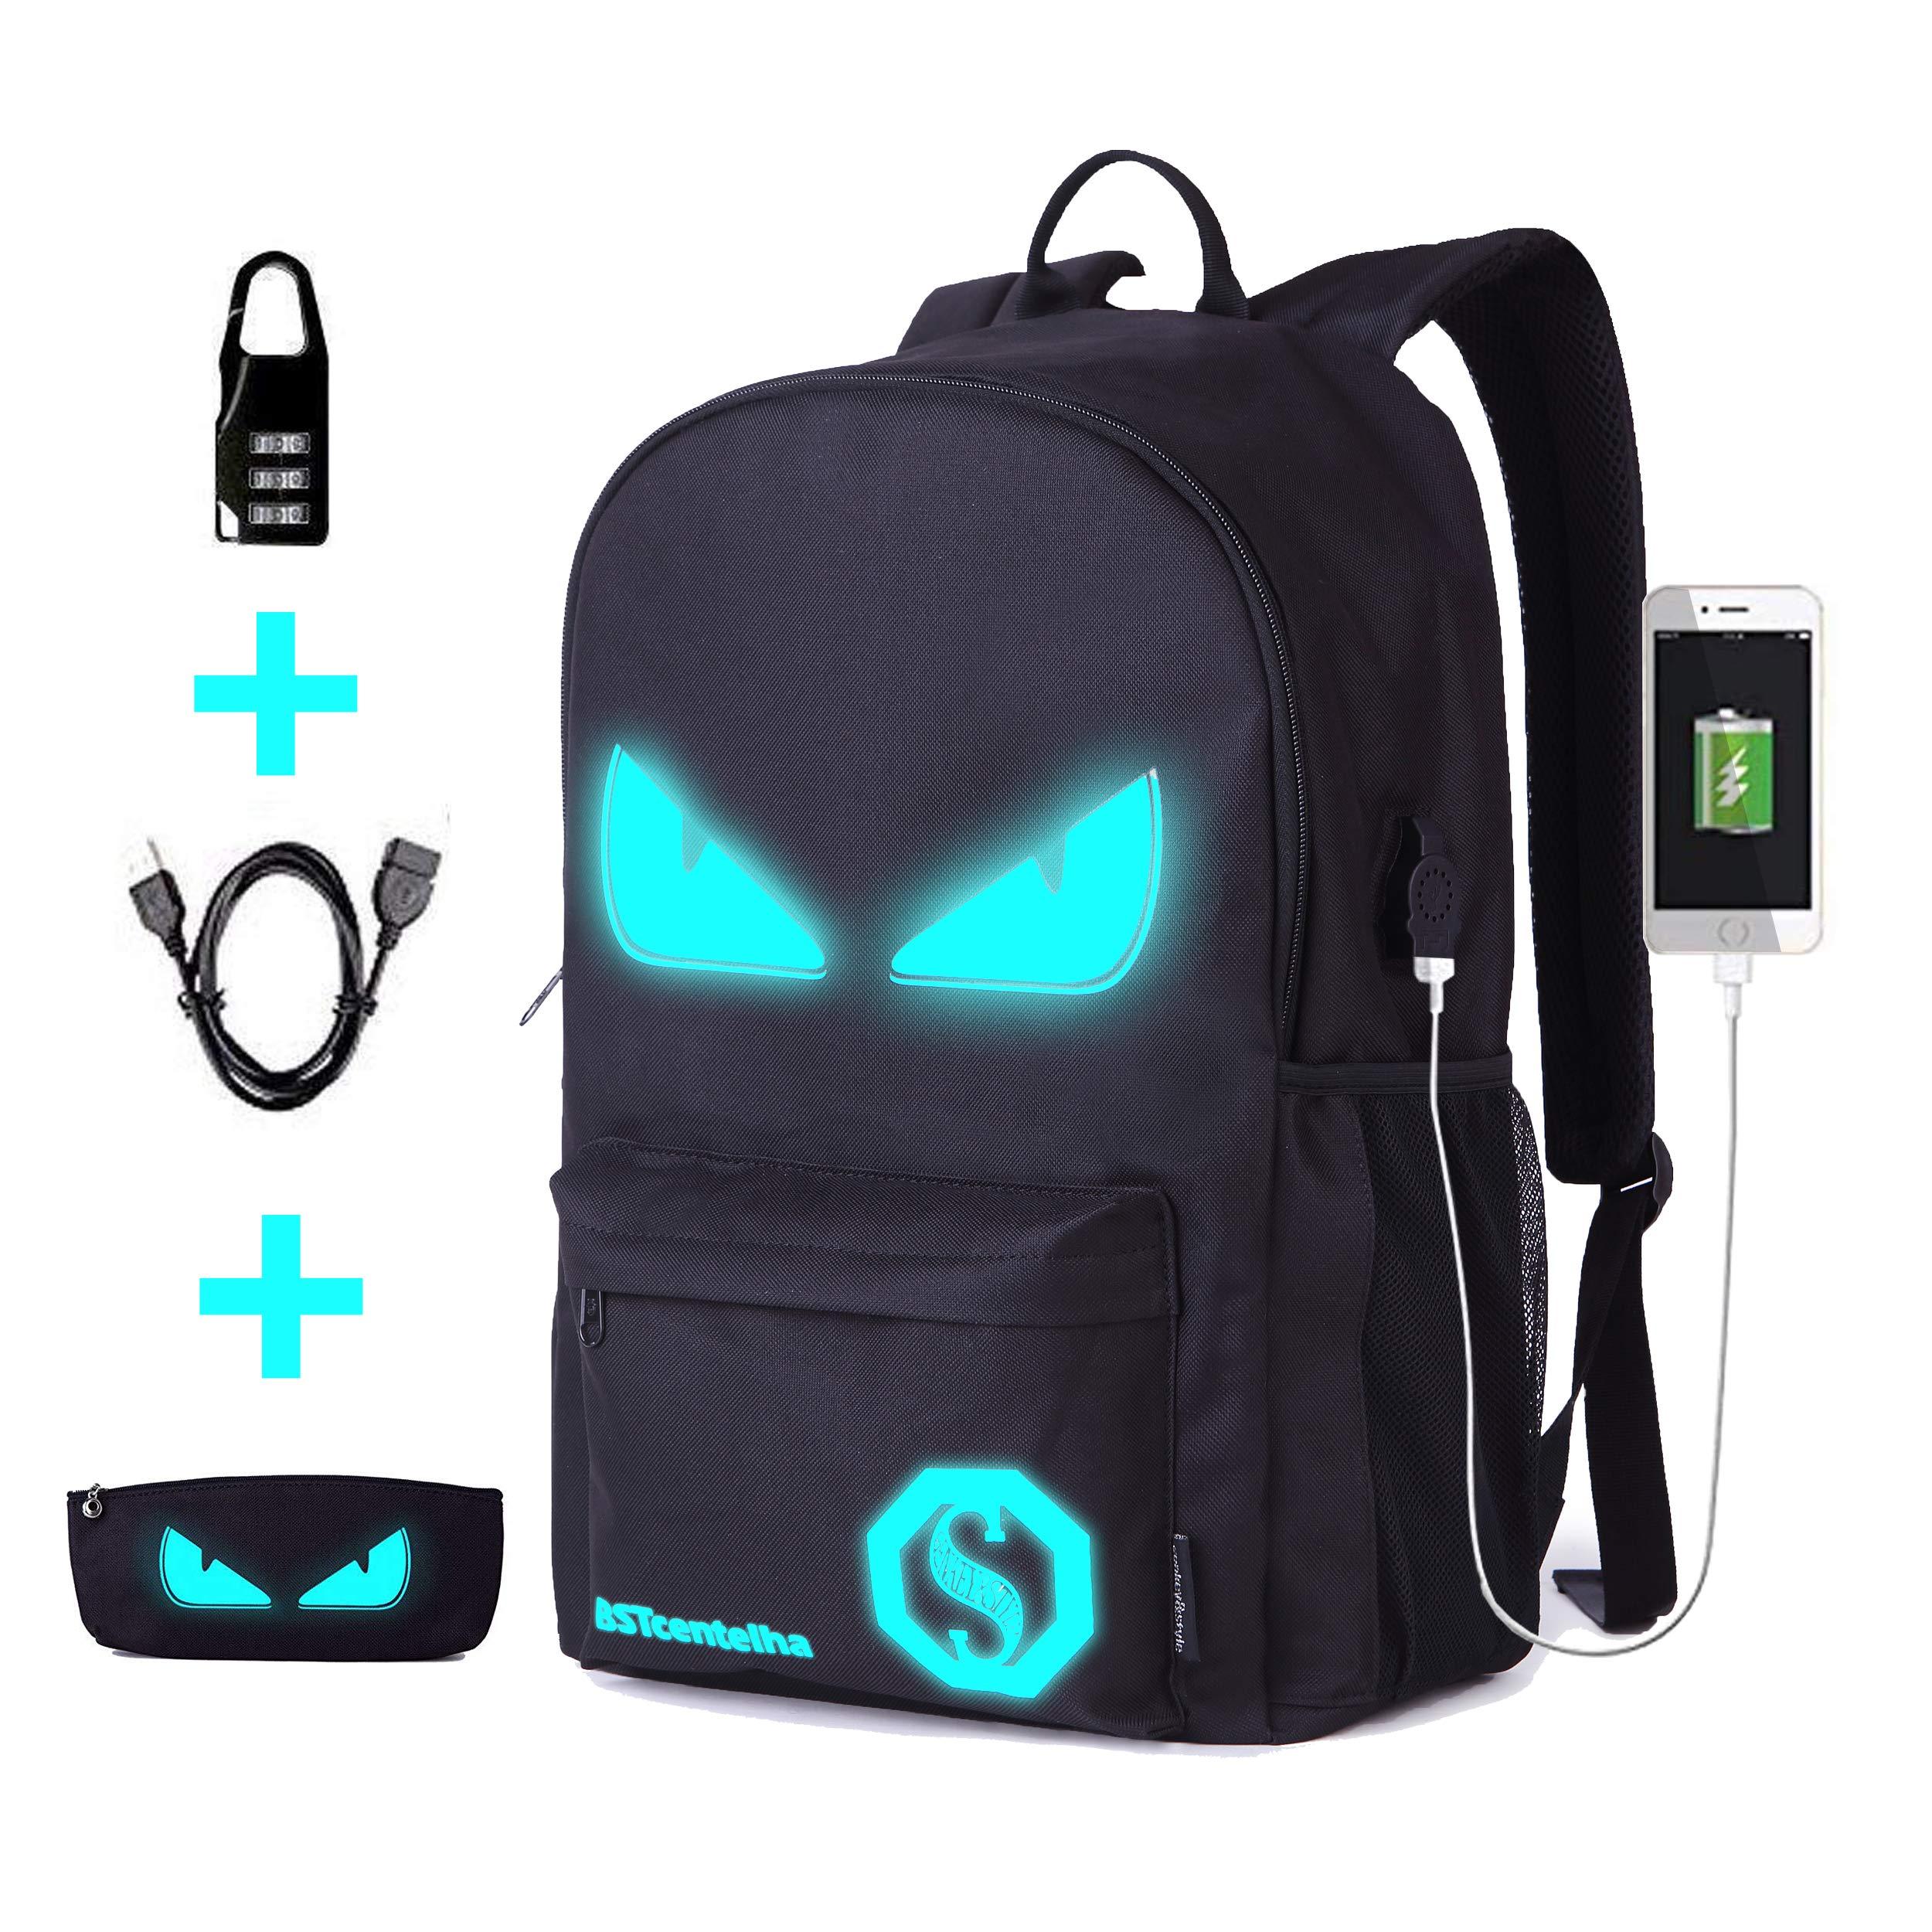 nouveaux styles ed5a8 abe5d BSTcentelha, Sac à dos léger lumineux style cartoon avec compartiment  d'ordinateur portable Parfait cadeau d'Halloween (Grand)